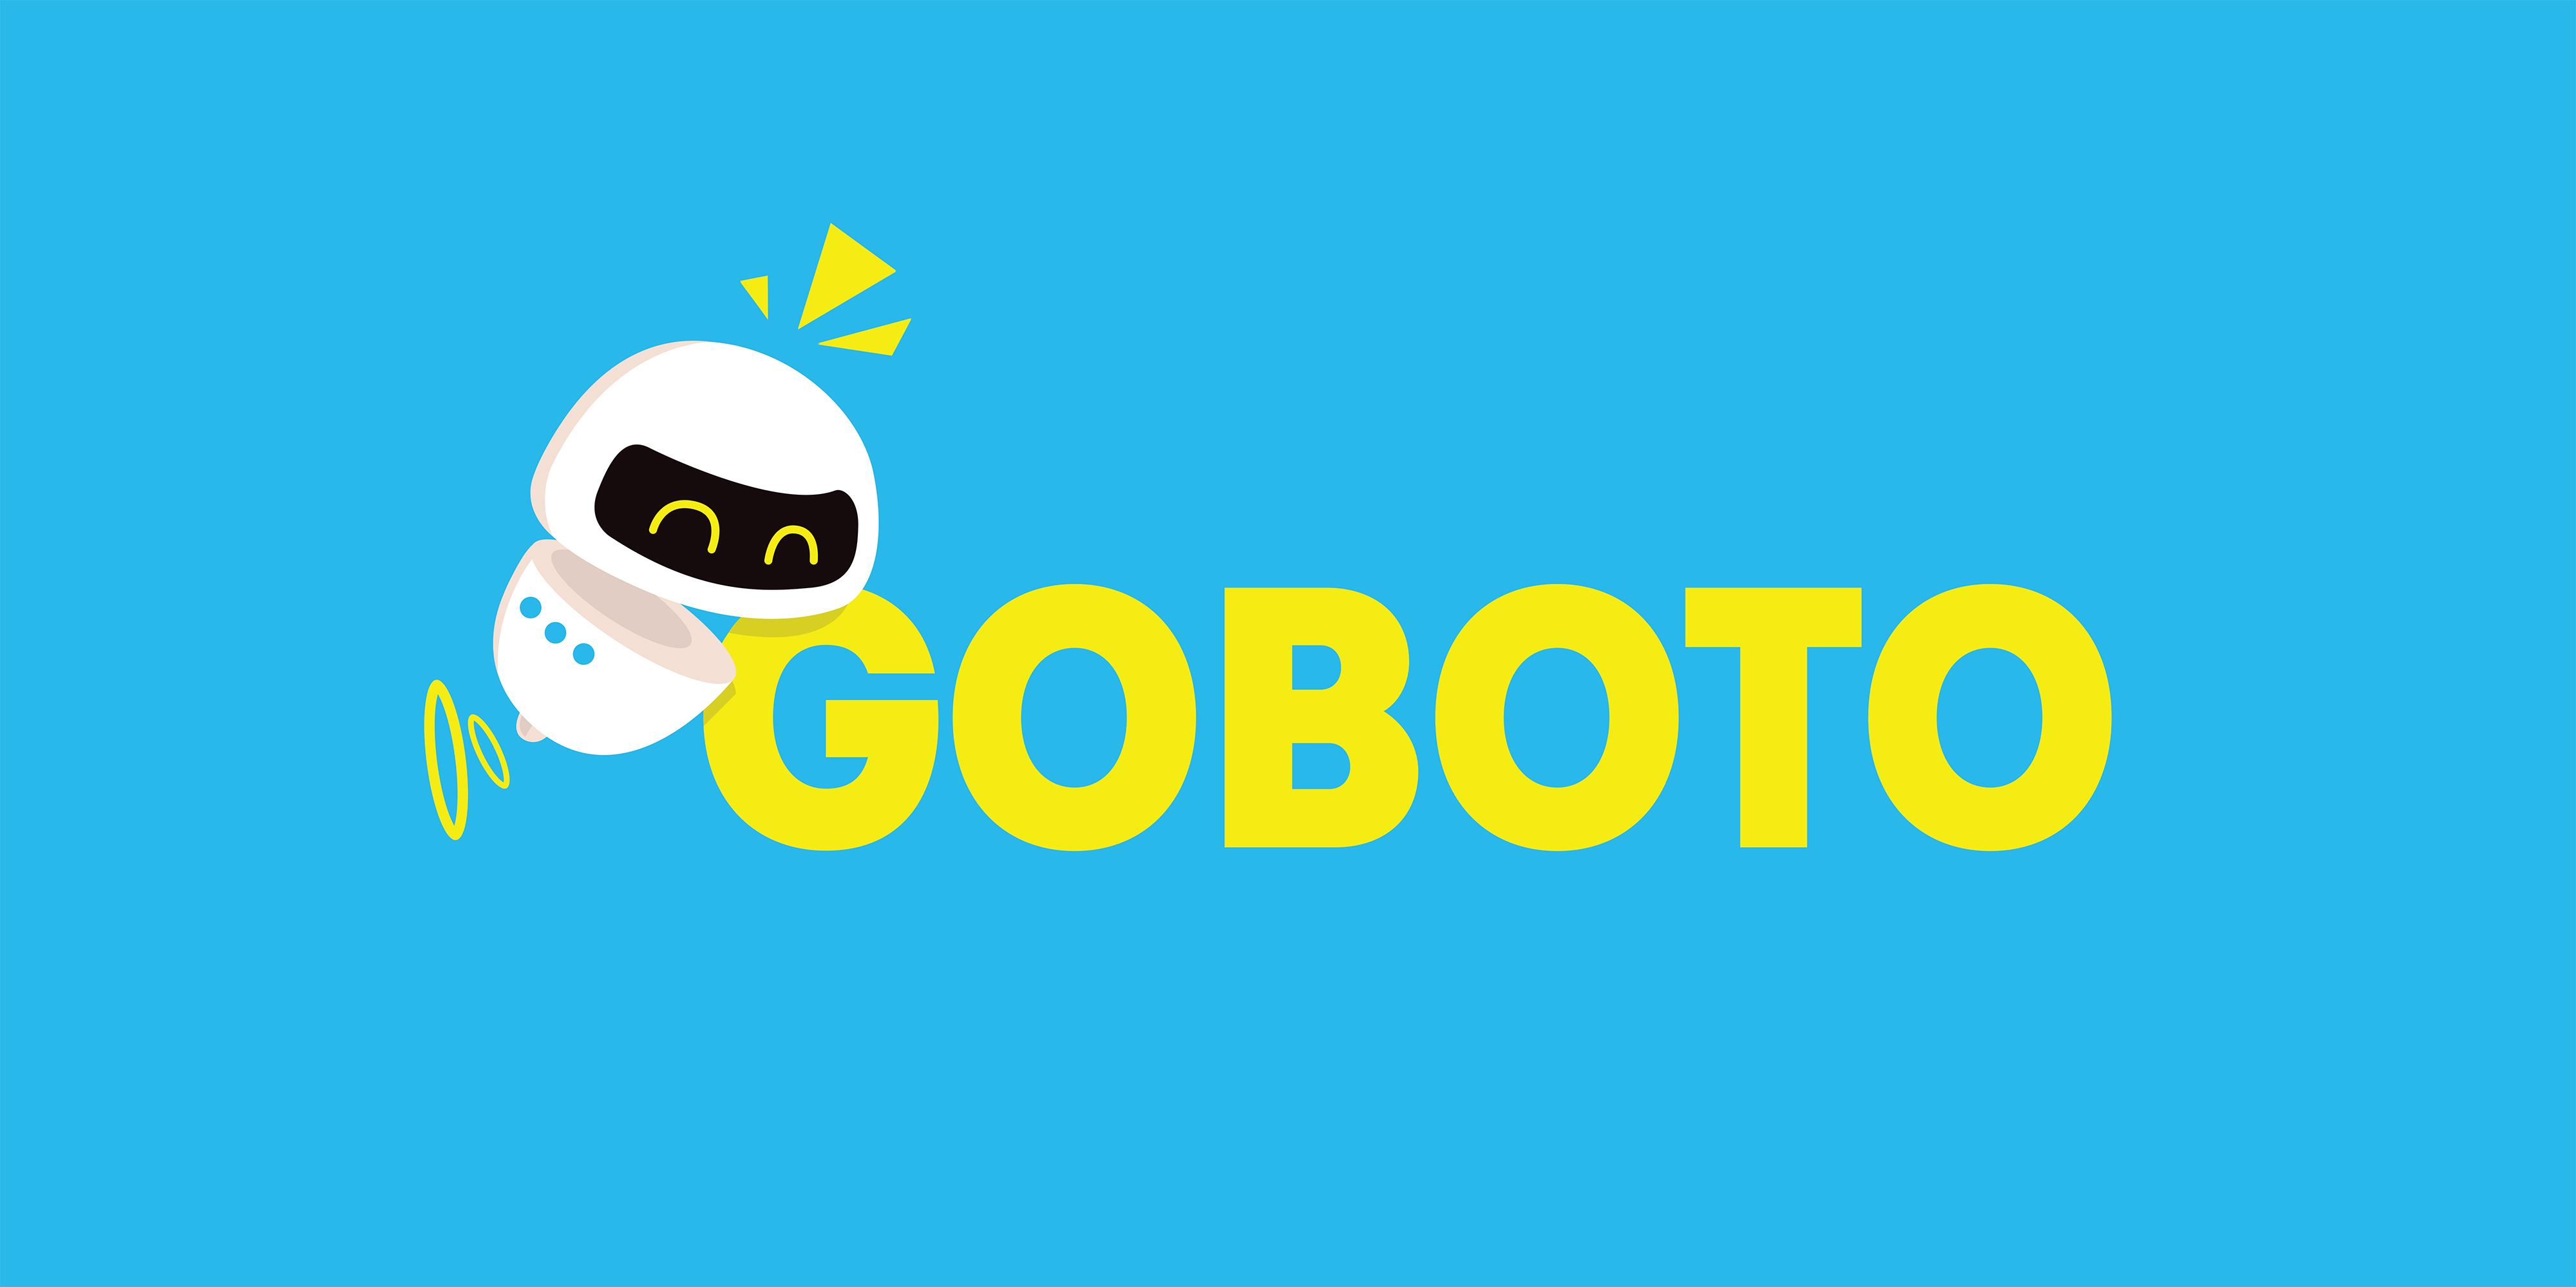 GOBOTO_Finished.jpg